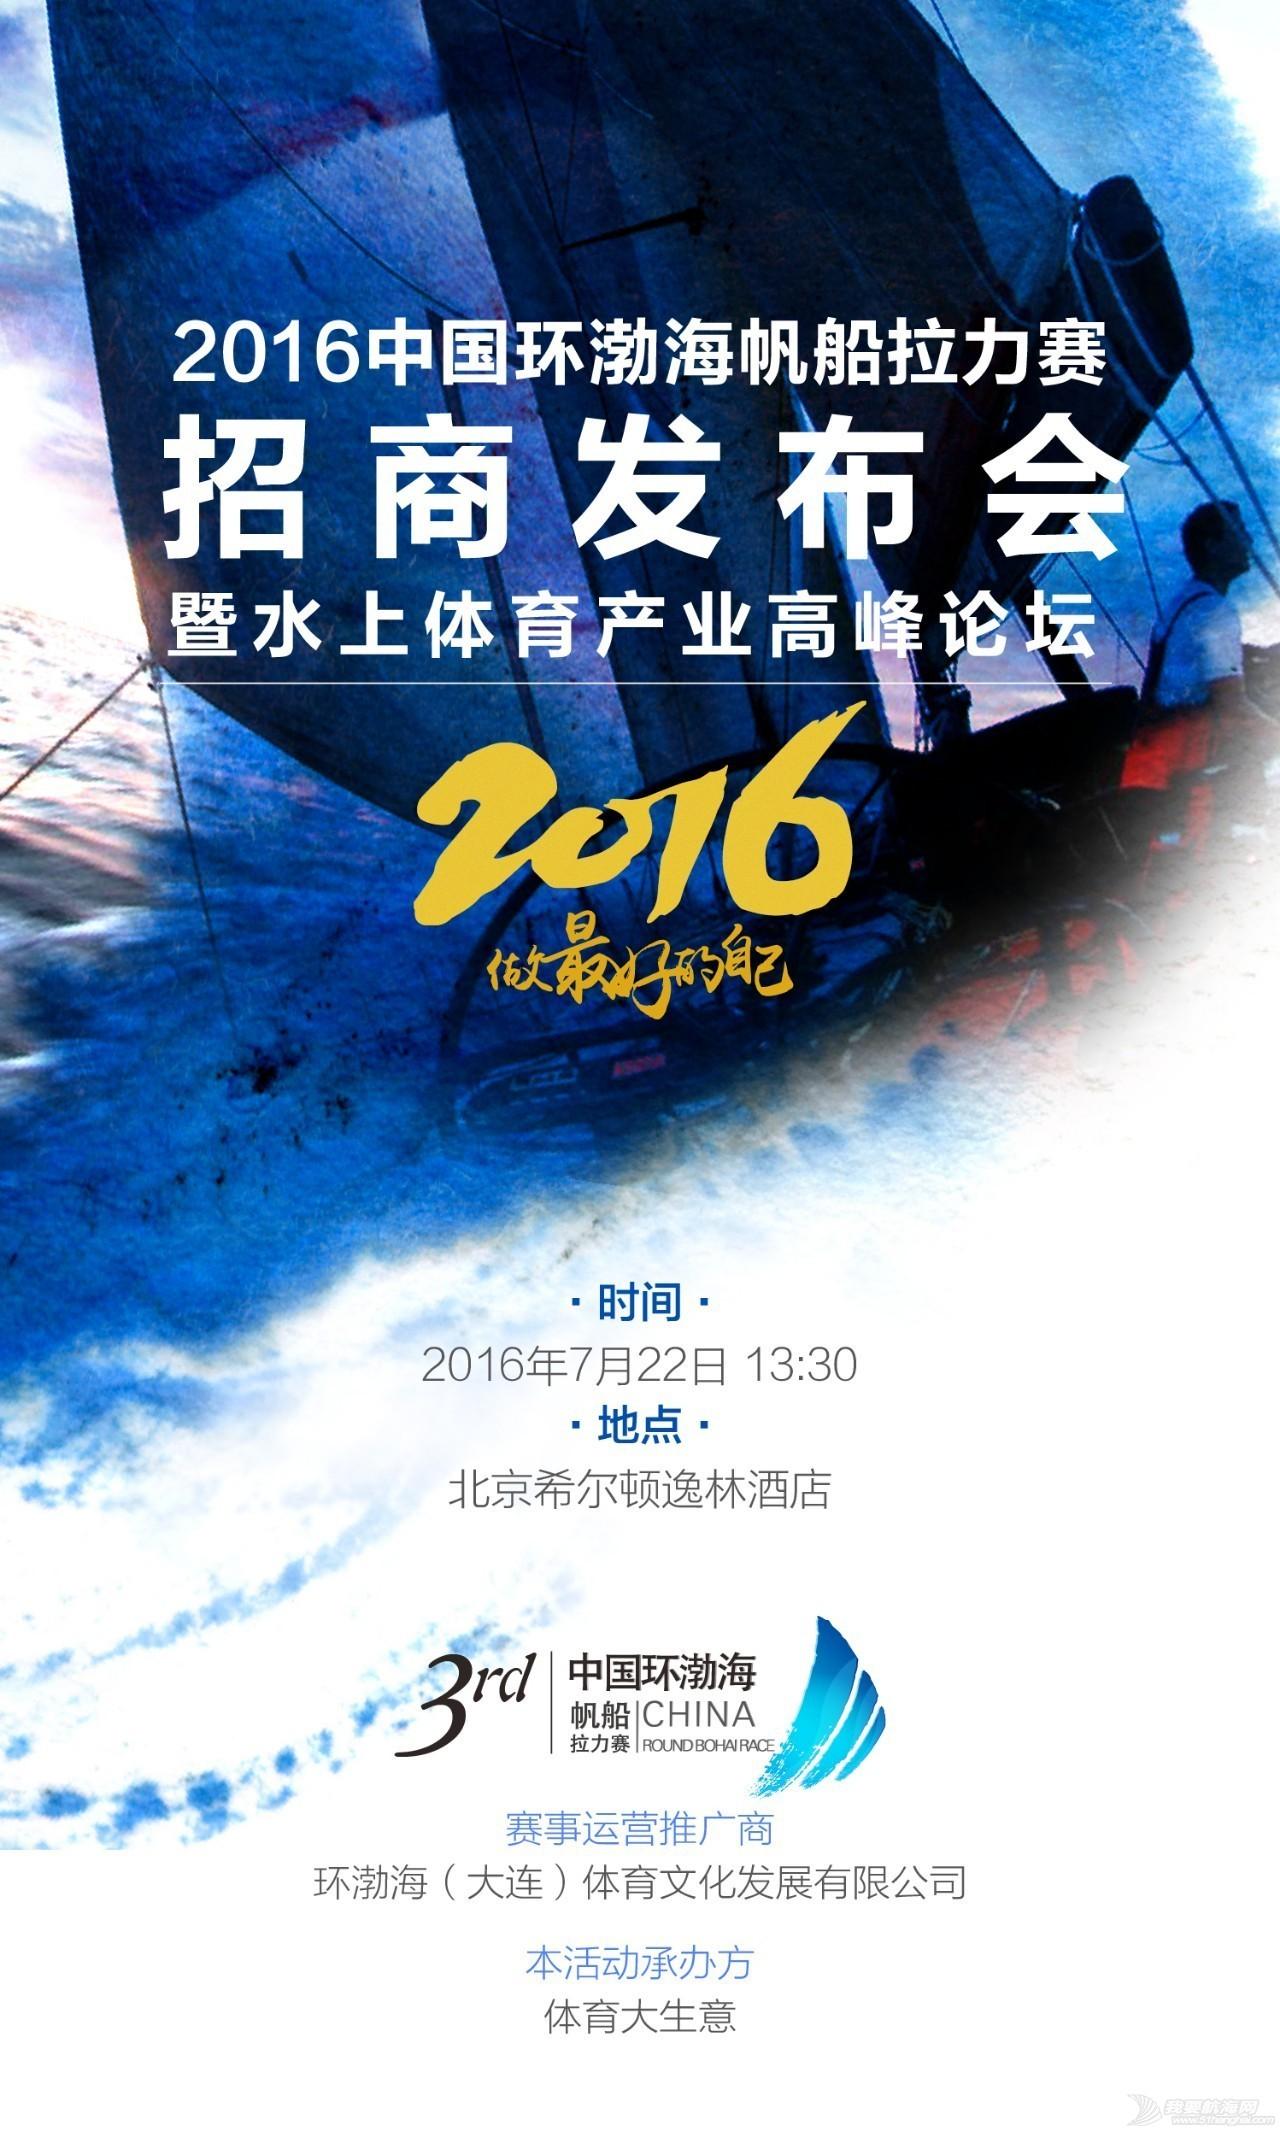 2016中国环渤海帆船拉力赛|官方招商发布会将于7月22日北京启幕 9e623b891fe6d369a9c8e36d0379c33e.jpg